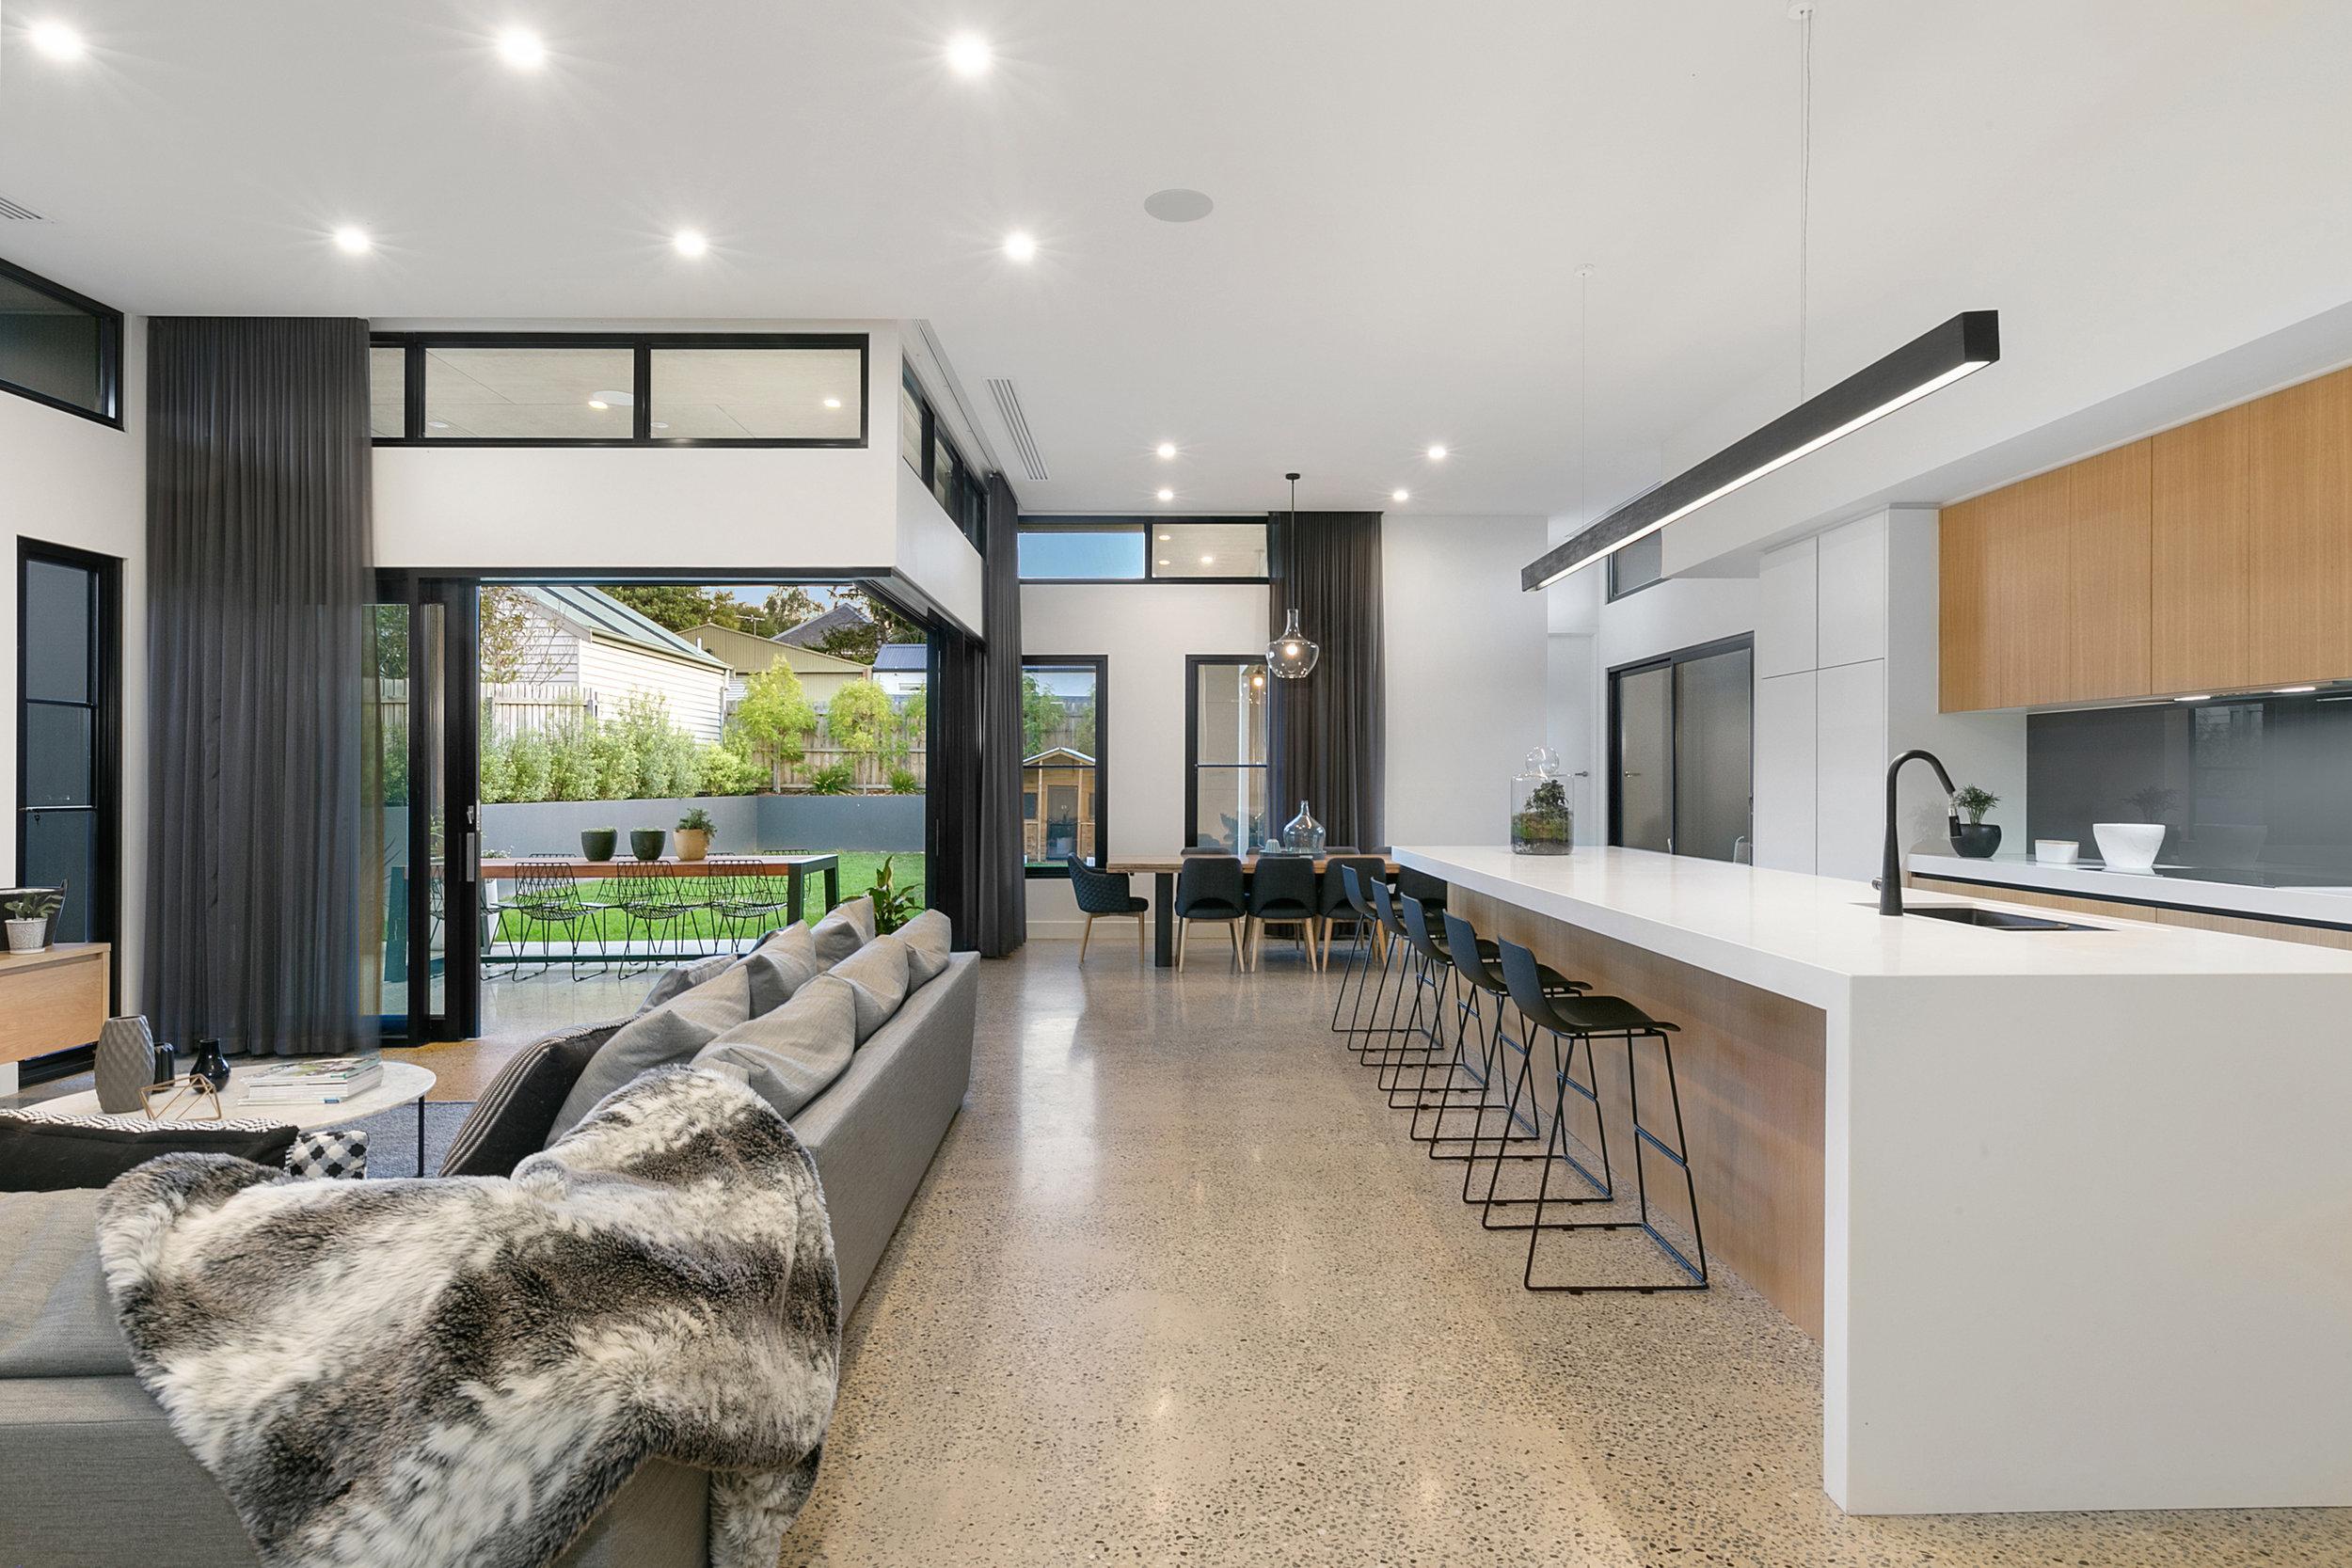 Aberdeen_Geelong_New_Homes.jpg